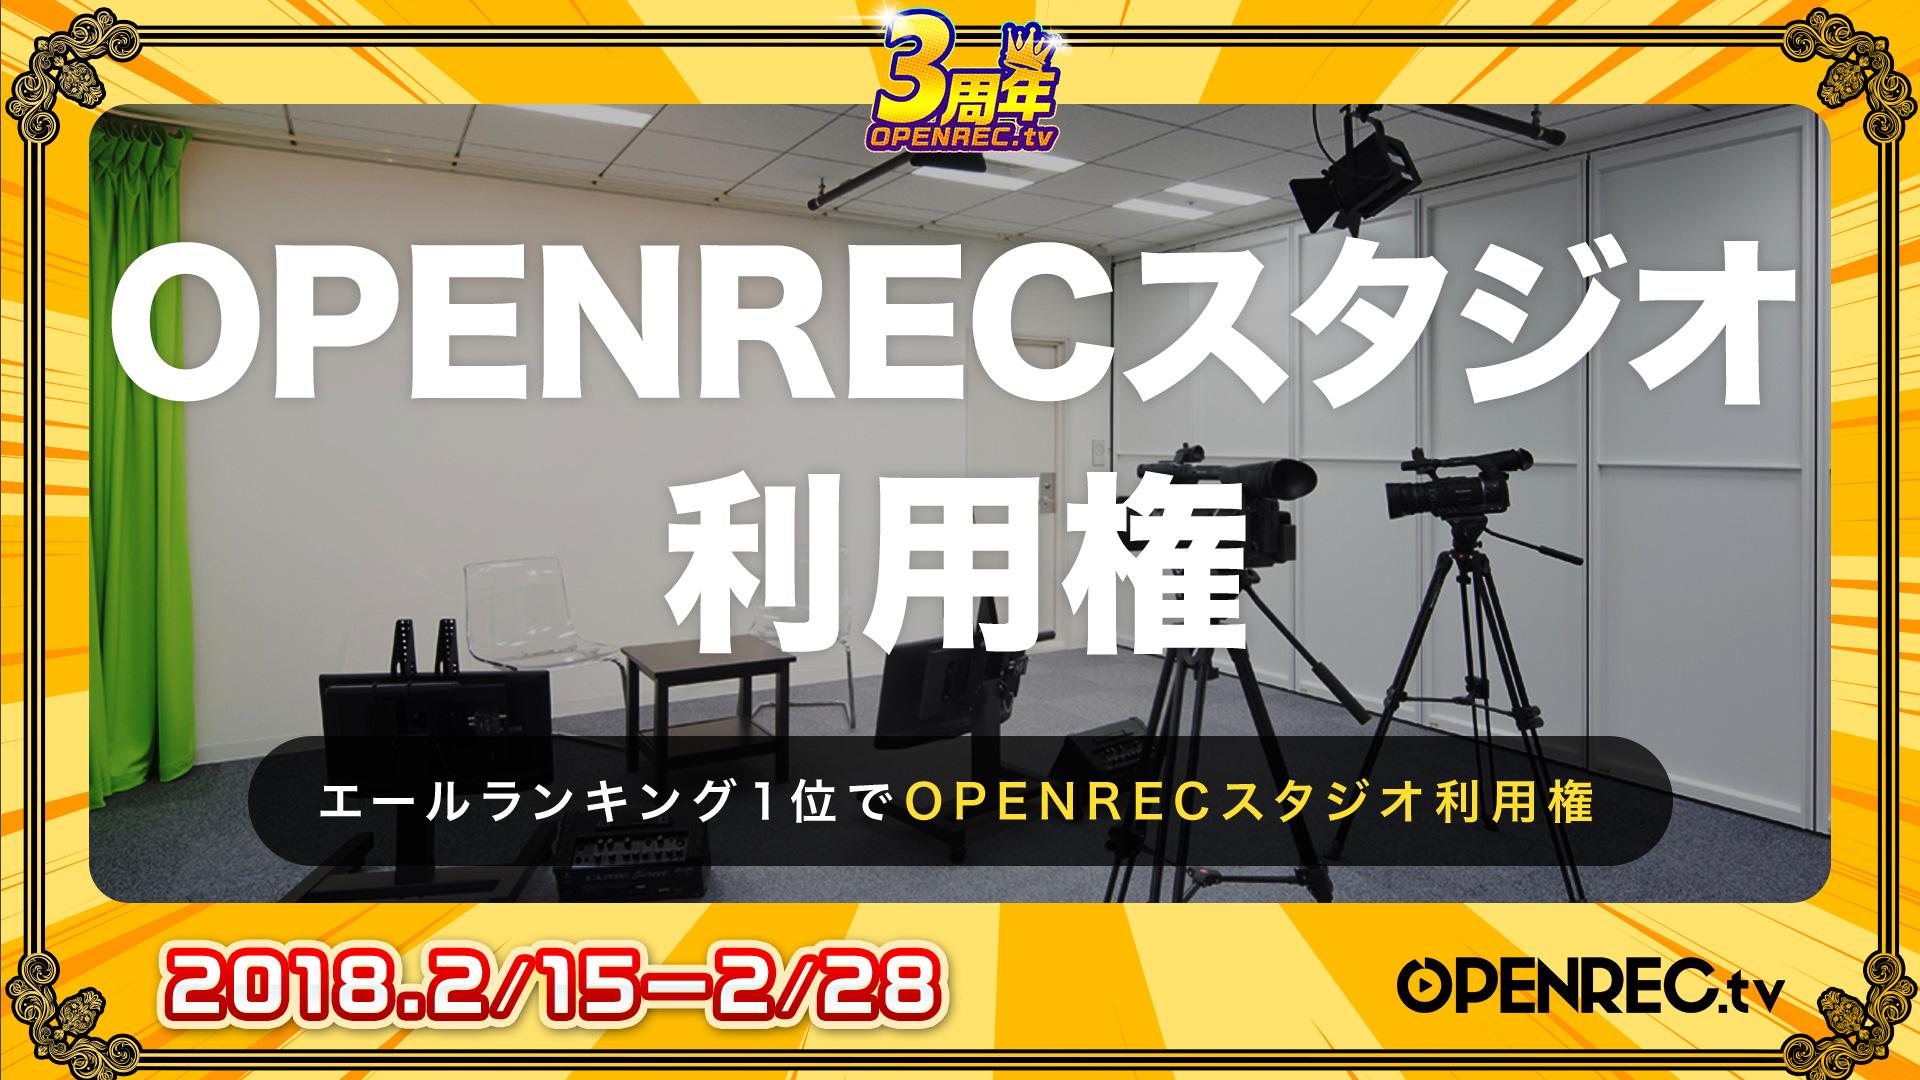 【配信者応援エールキャンペーン】OPENRECスタジオ利用権(参加には応募必須)